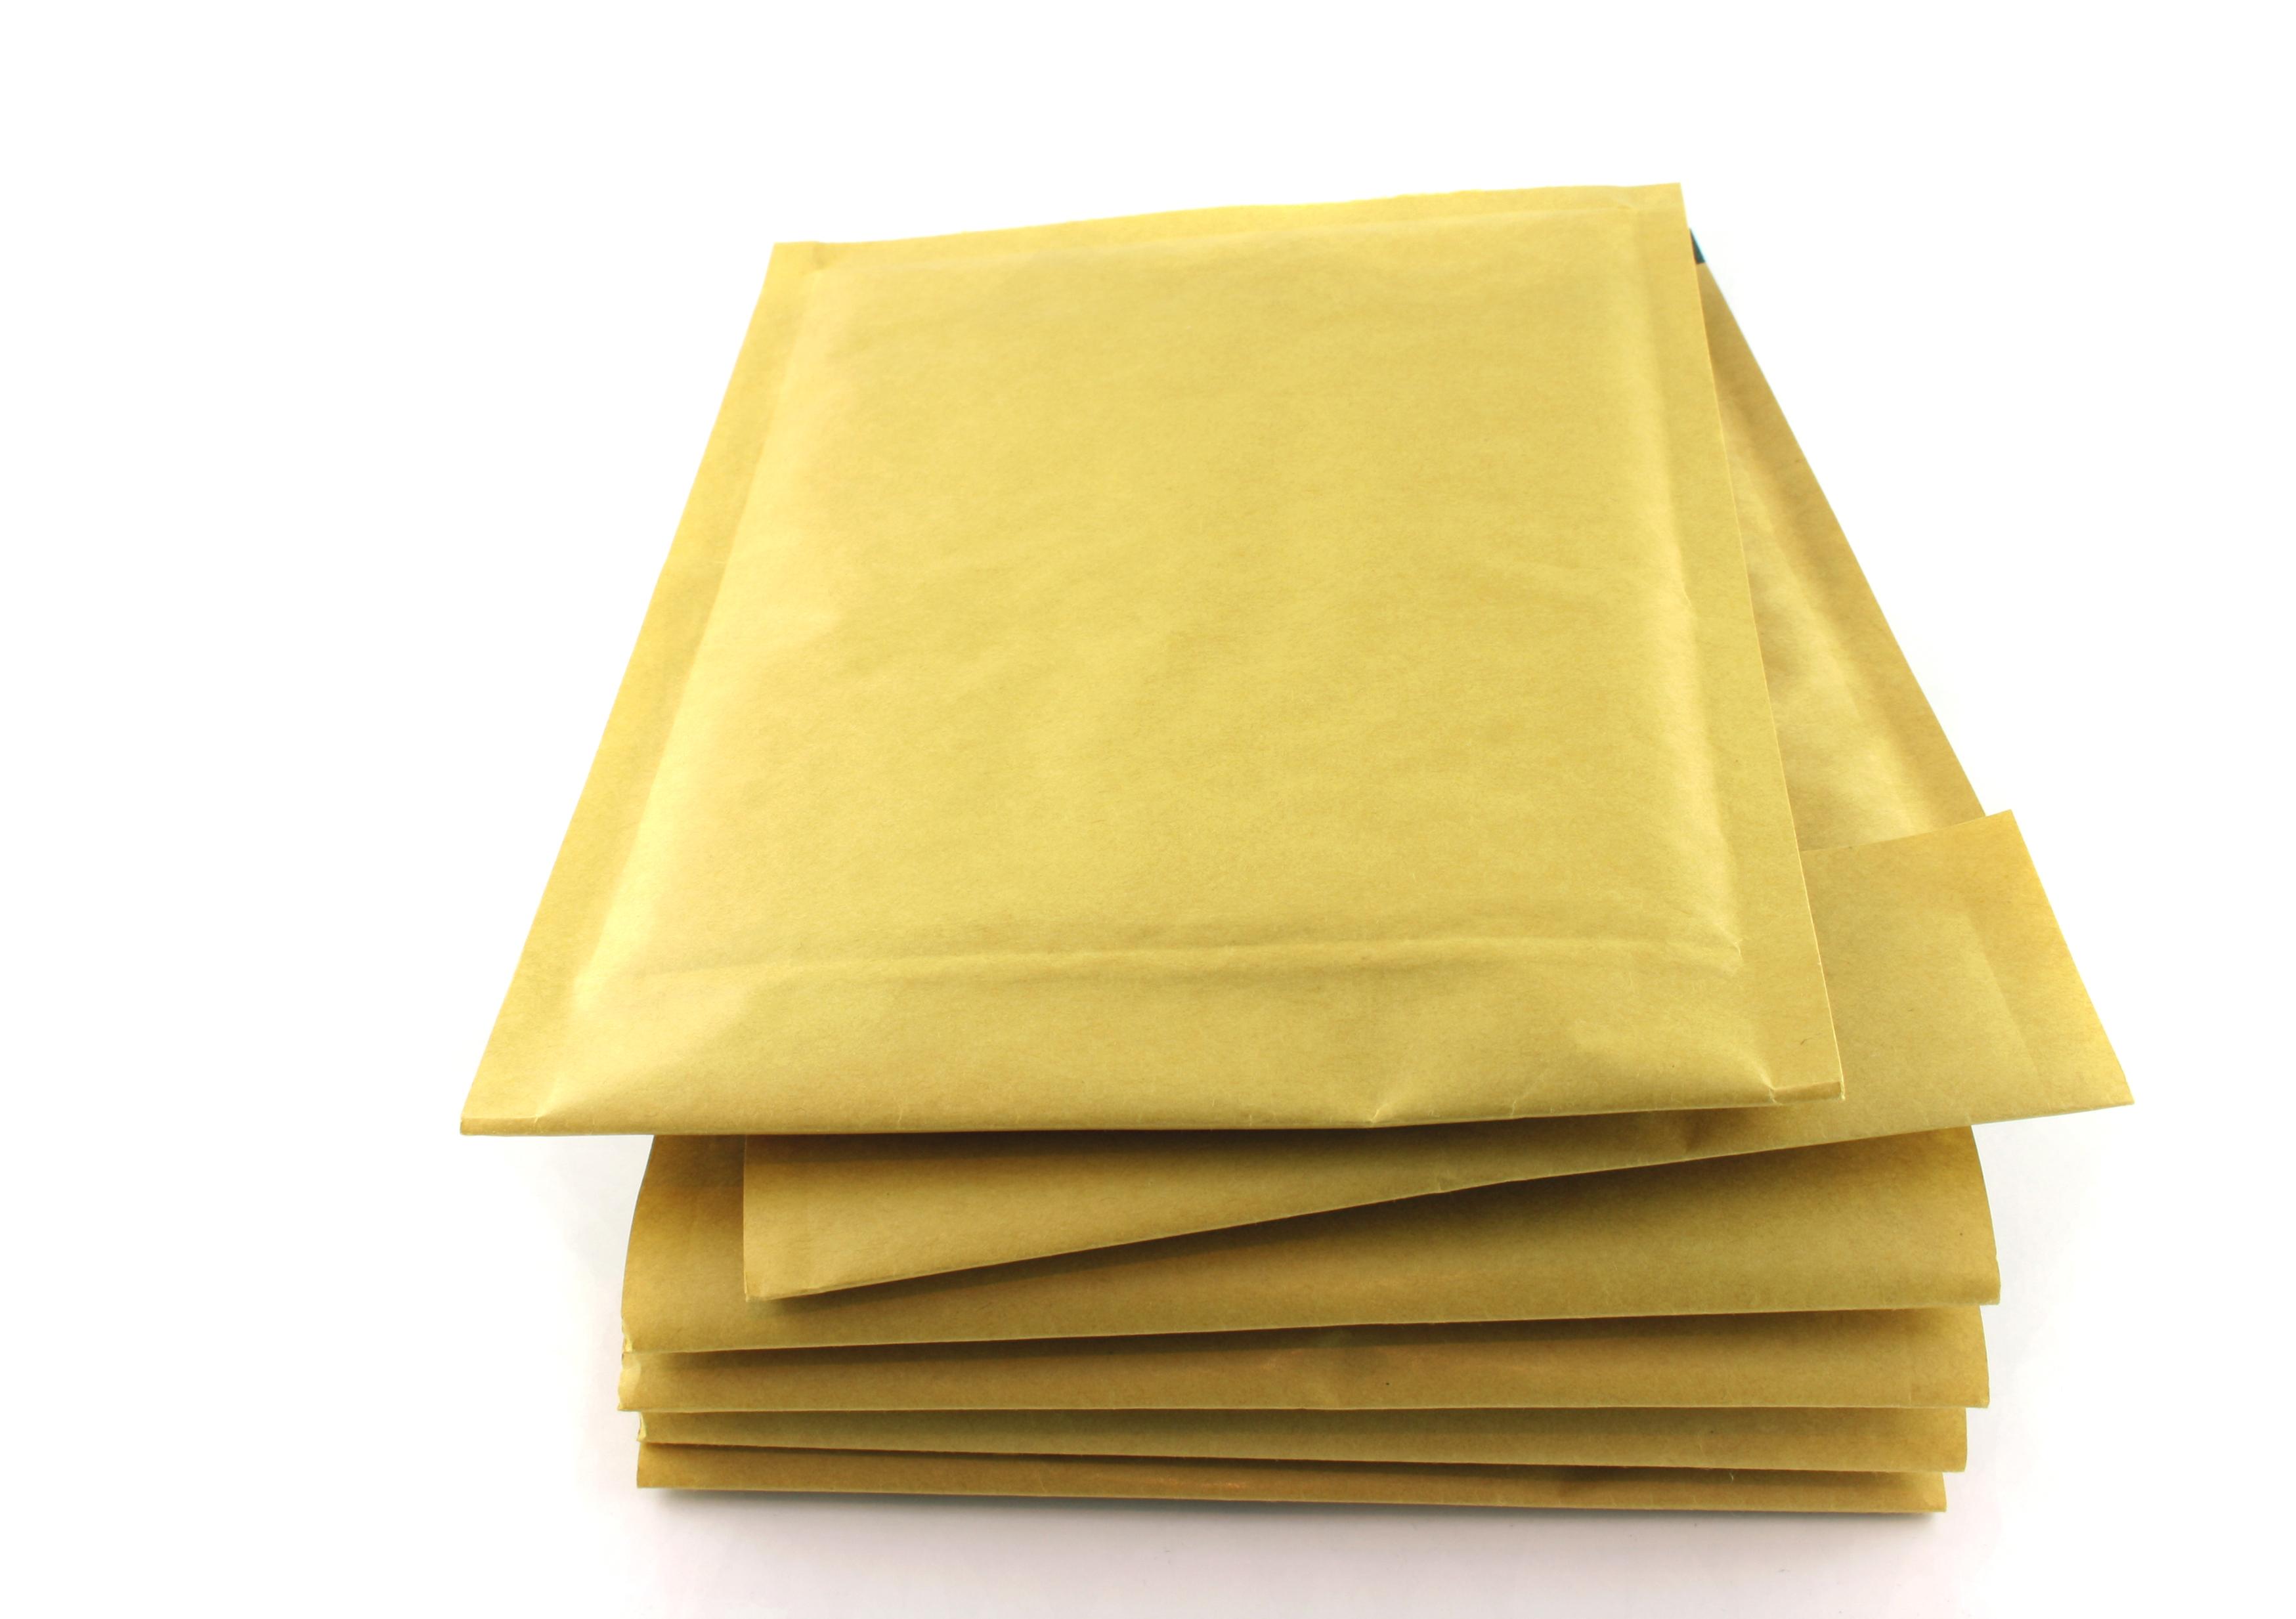 Enviar documentos de forma rápida y segura | Mensajería Low ...